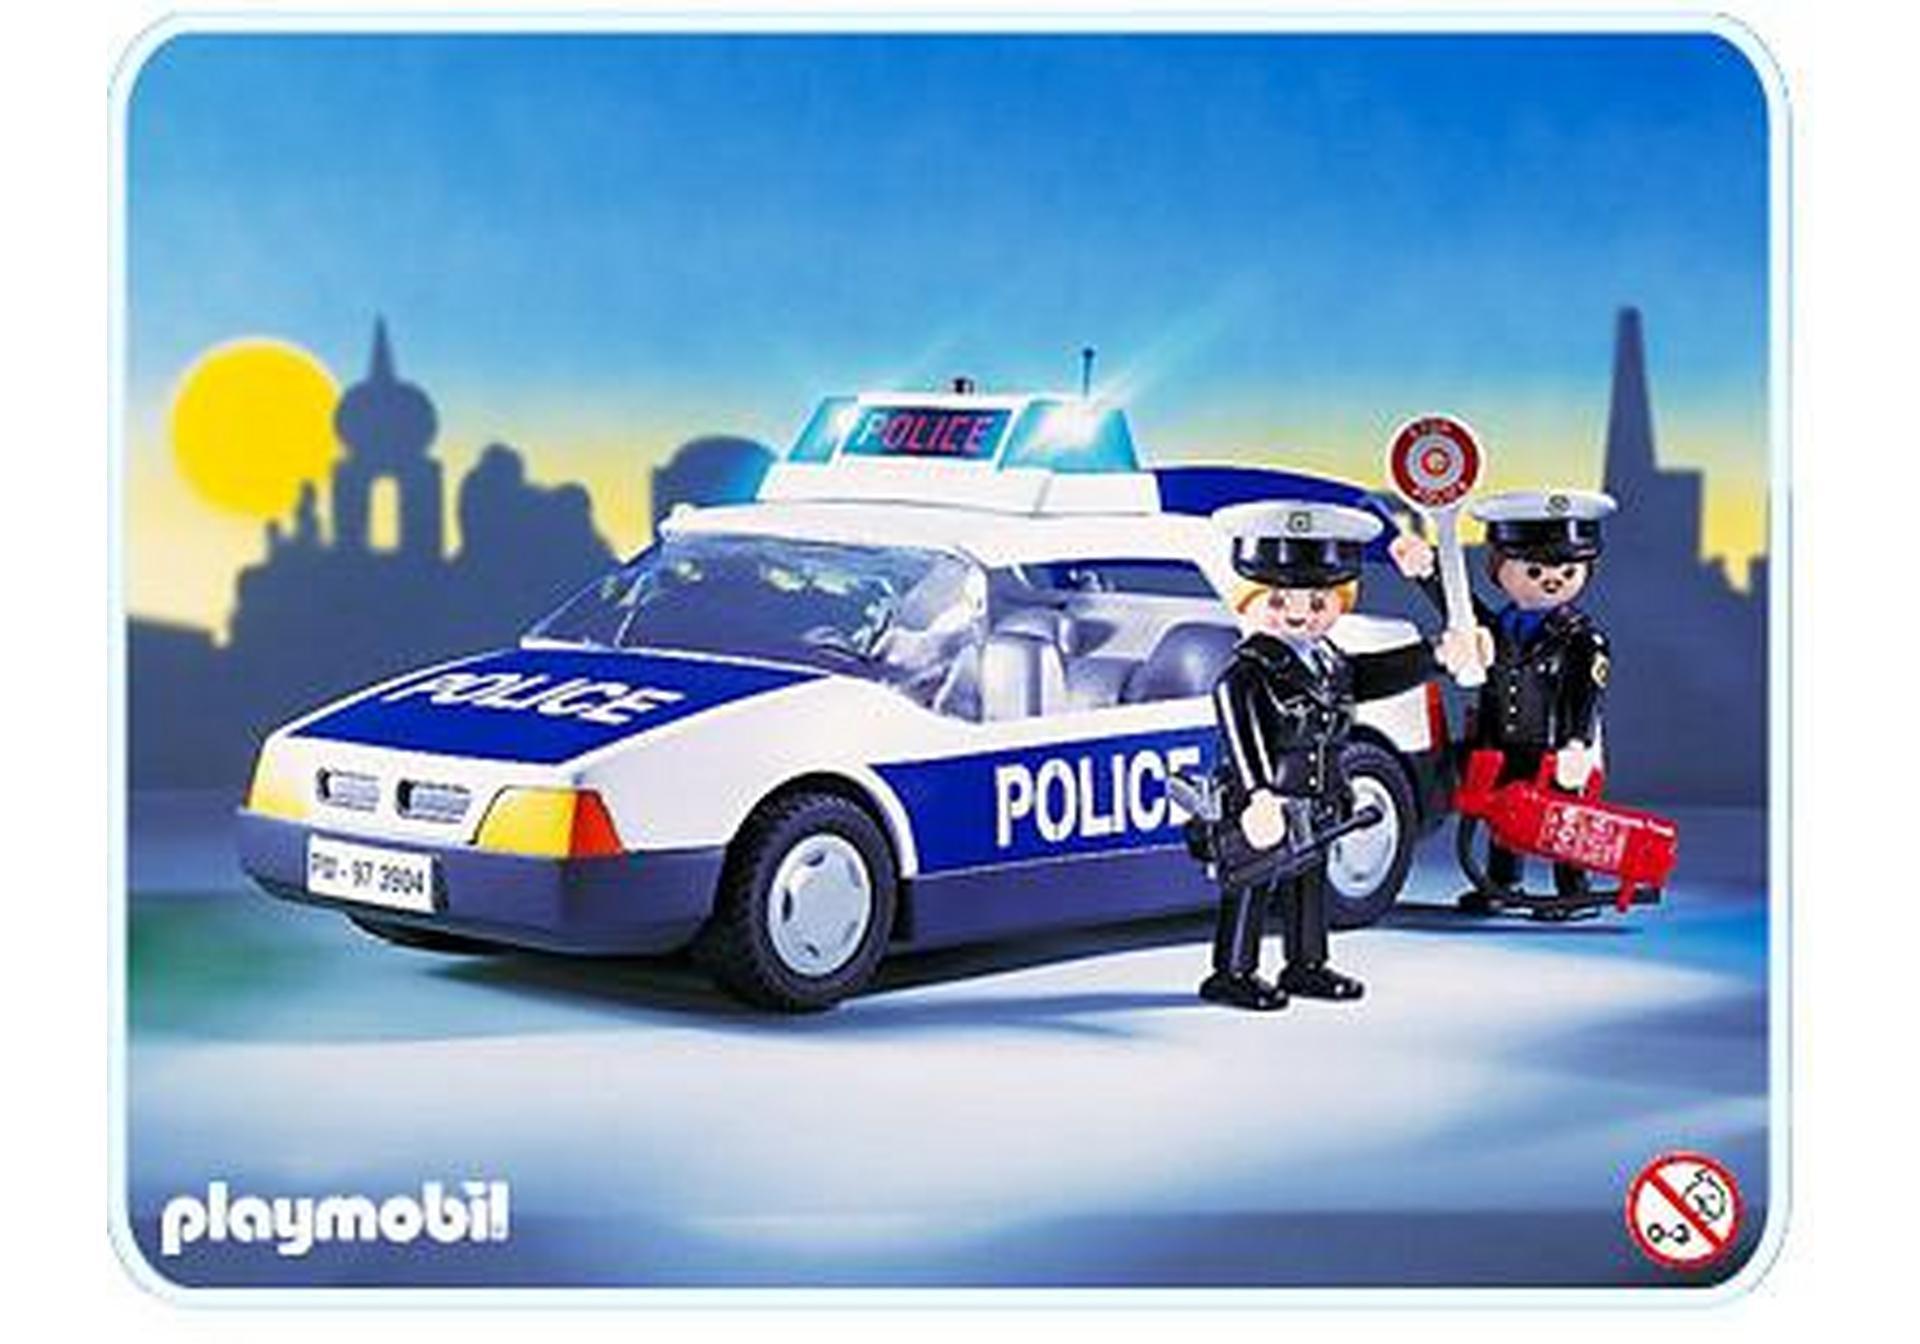 policiers voiture de police 3904 a playmobil france. Black Bedroom Furniture Sets. Home Design Ideas